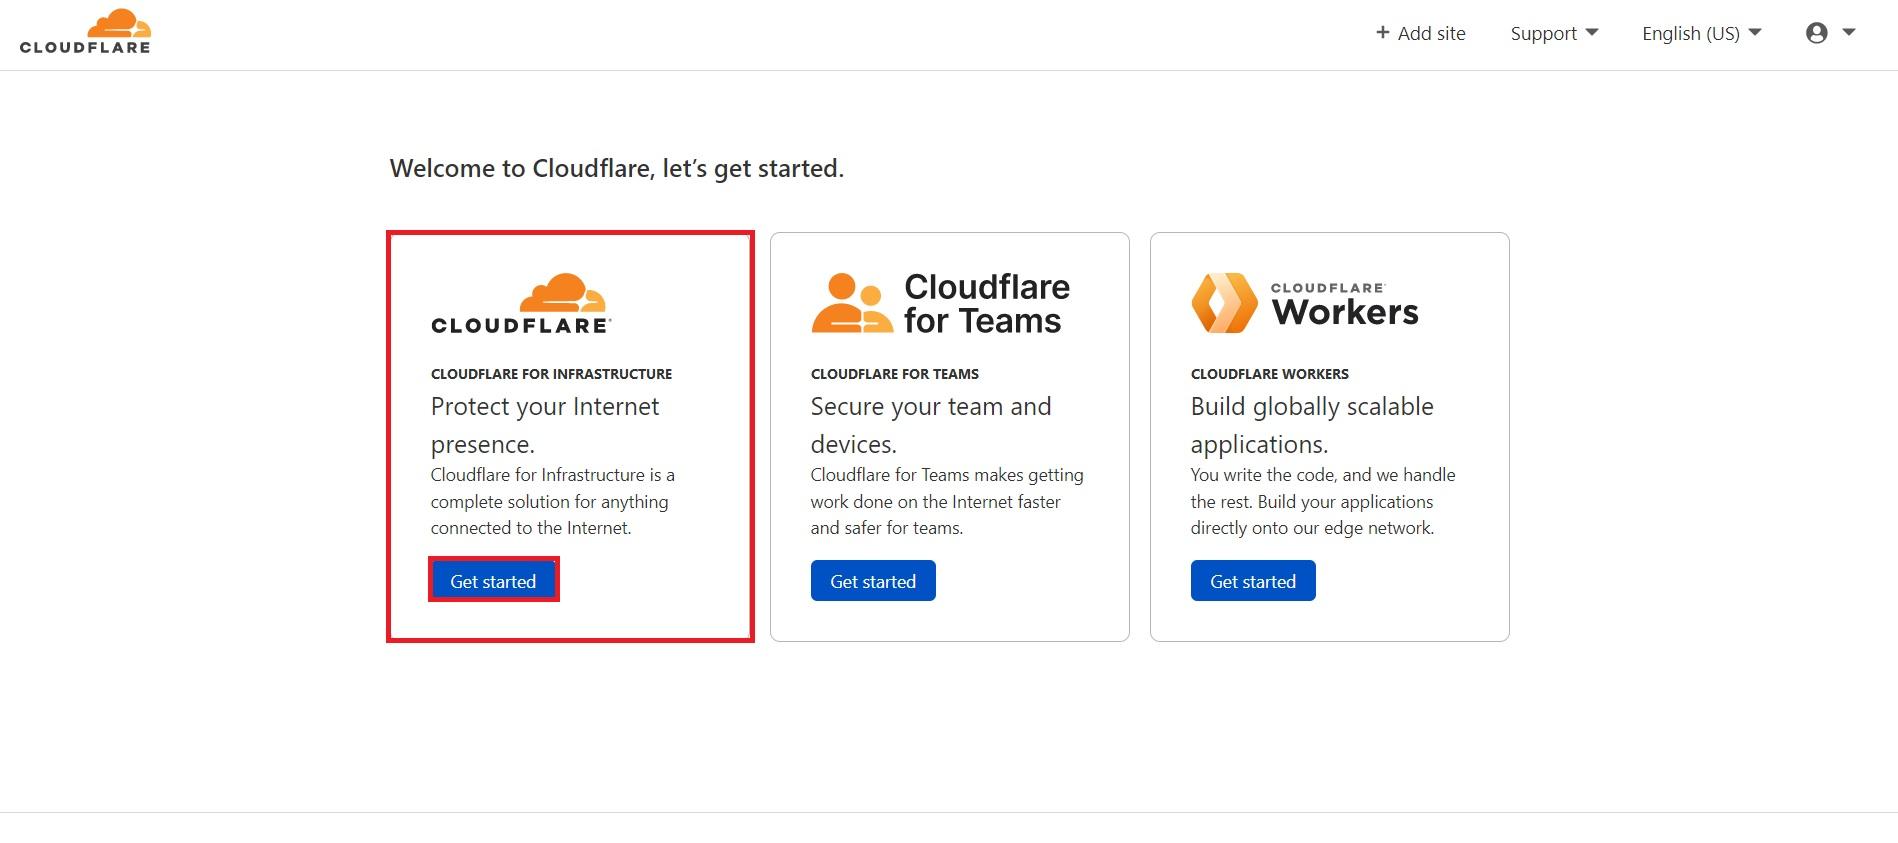 آموزش فعالسازی CloudFlare